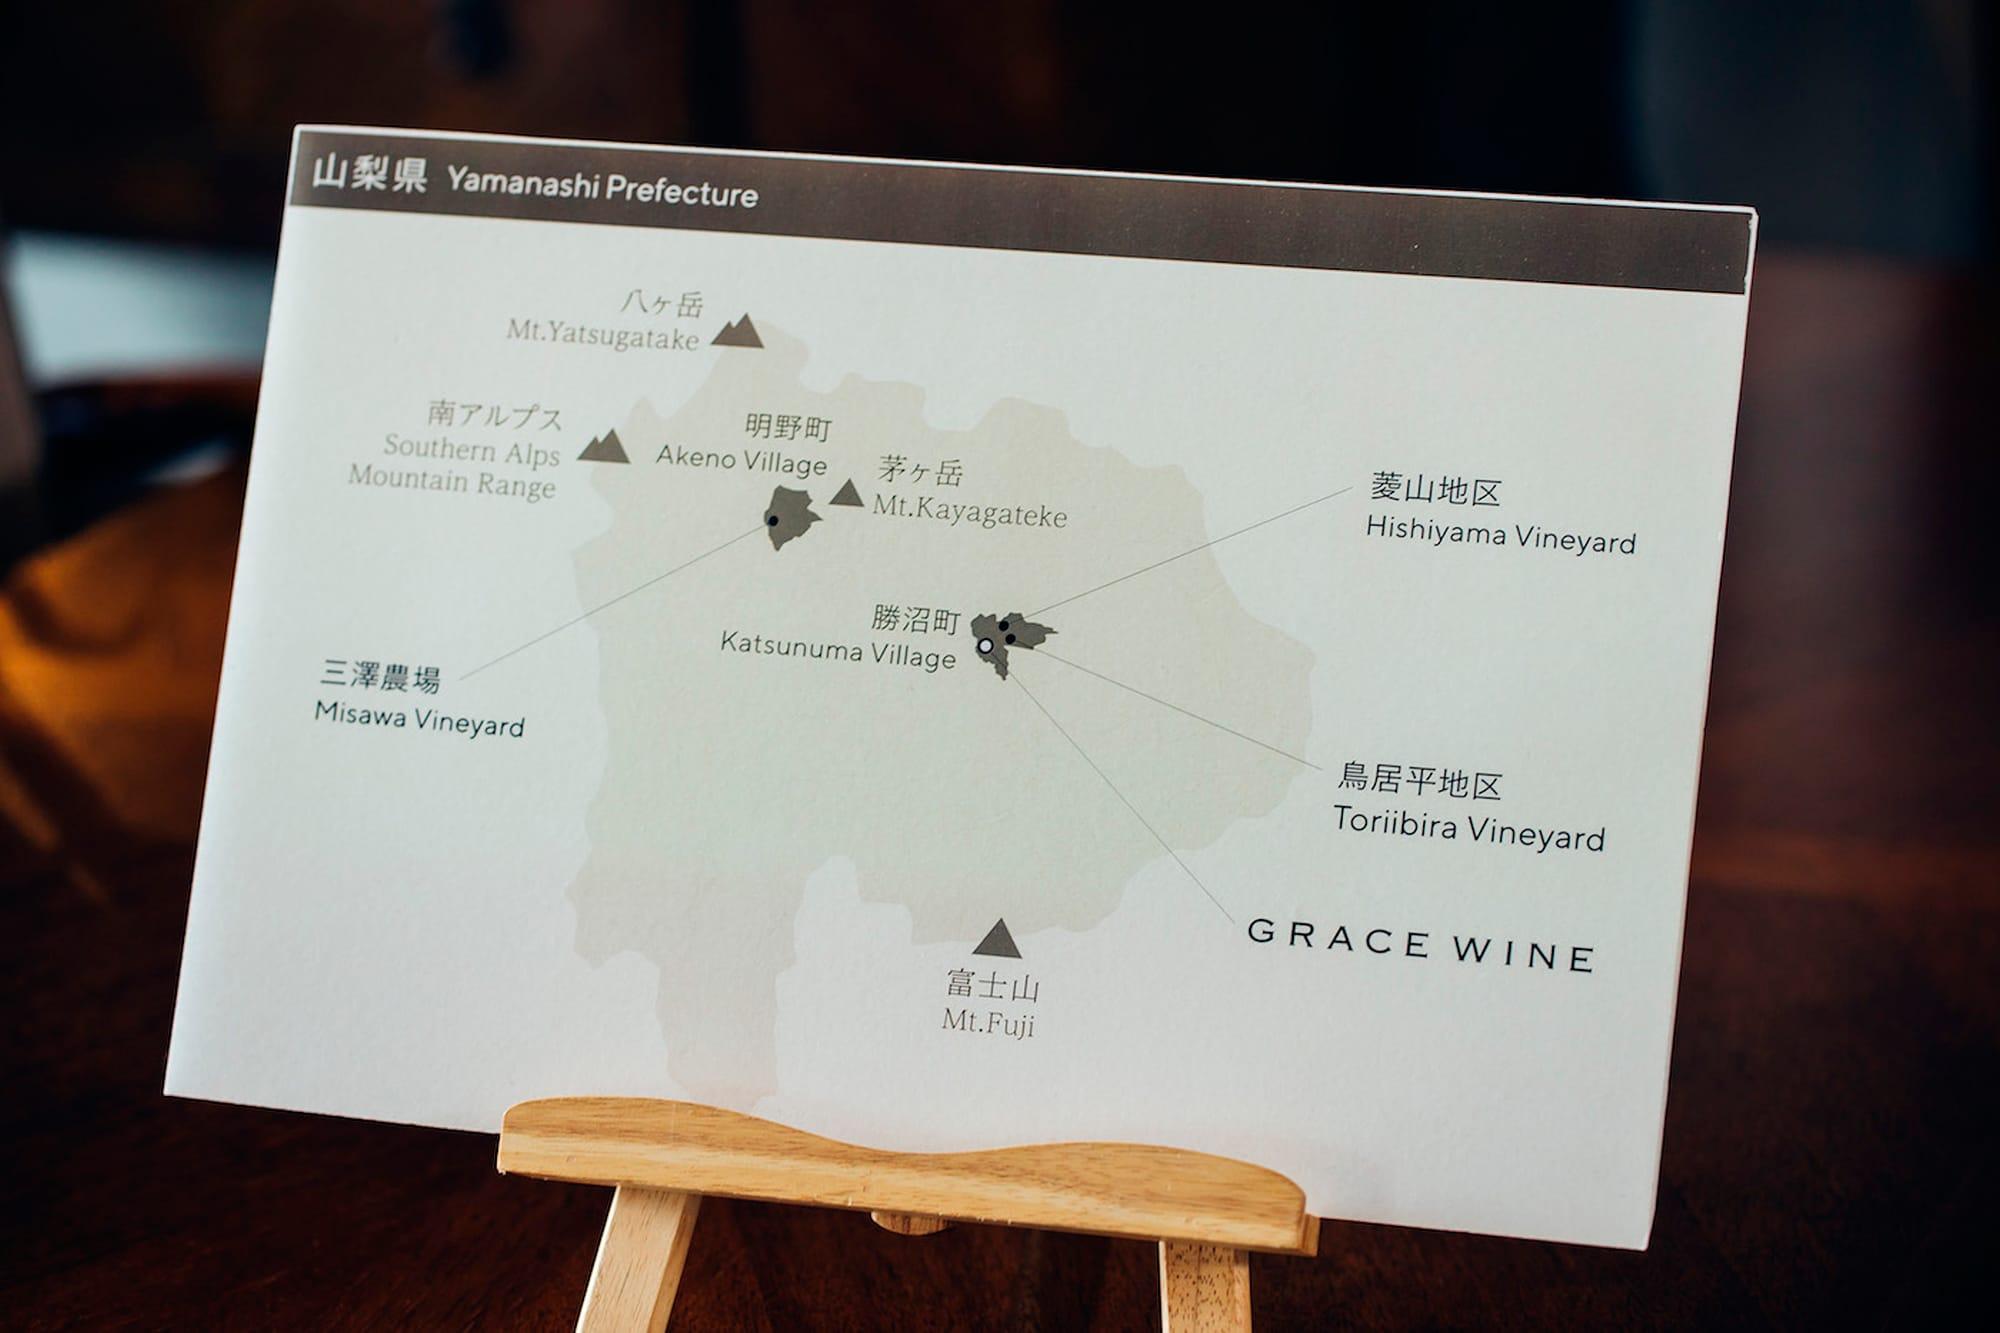 三澤農場は、茅ヶ岳、八ヶ岳、南アルプスに囲まれた明野町にある。グレイスワインこと中央葡萄酒のワイナリーと、ブドウのソースが記されたマップ。